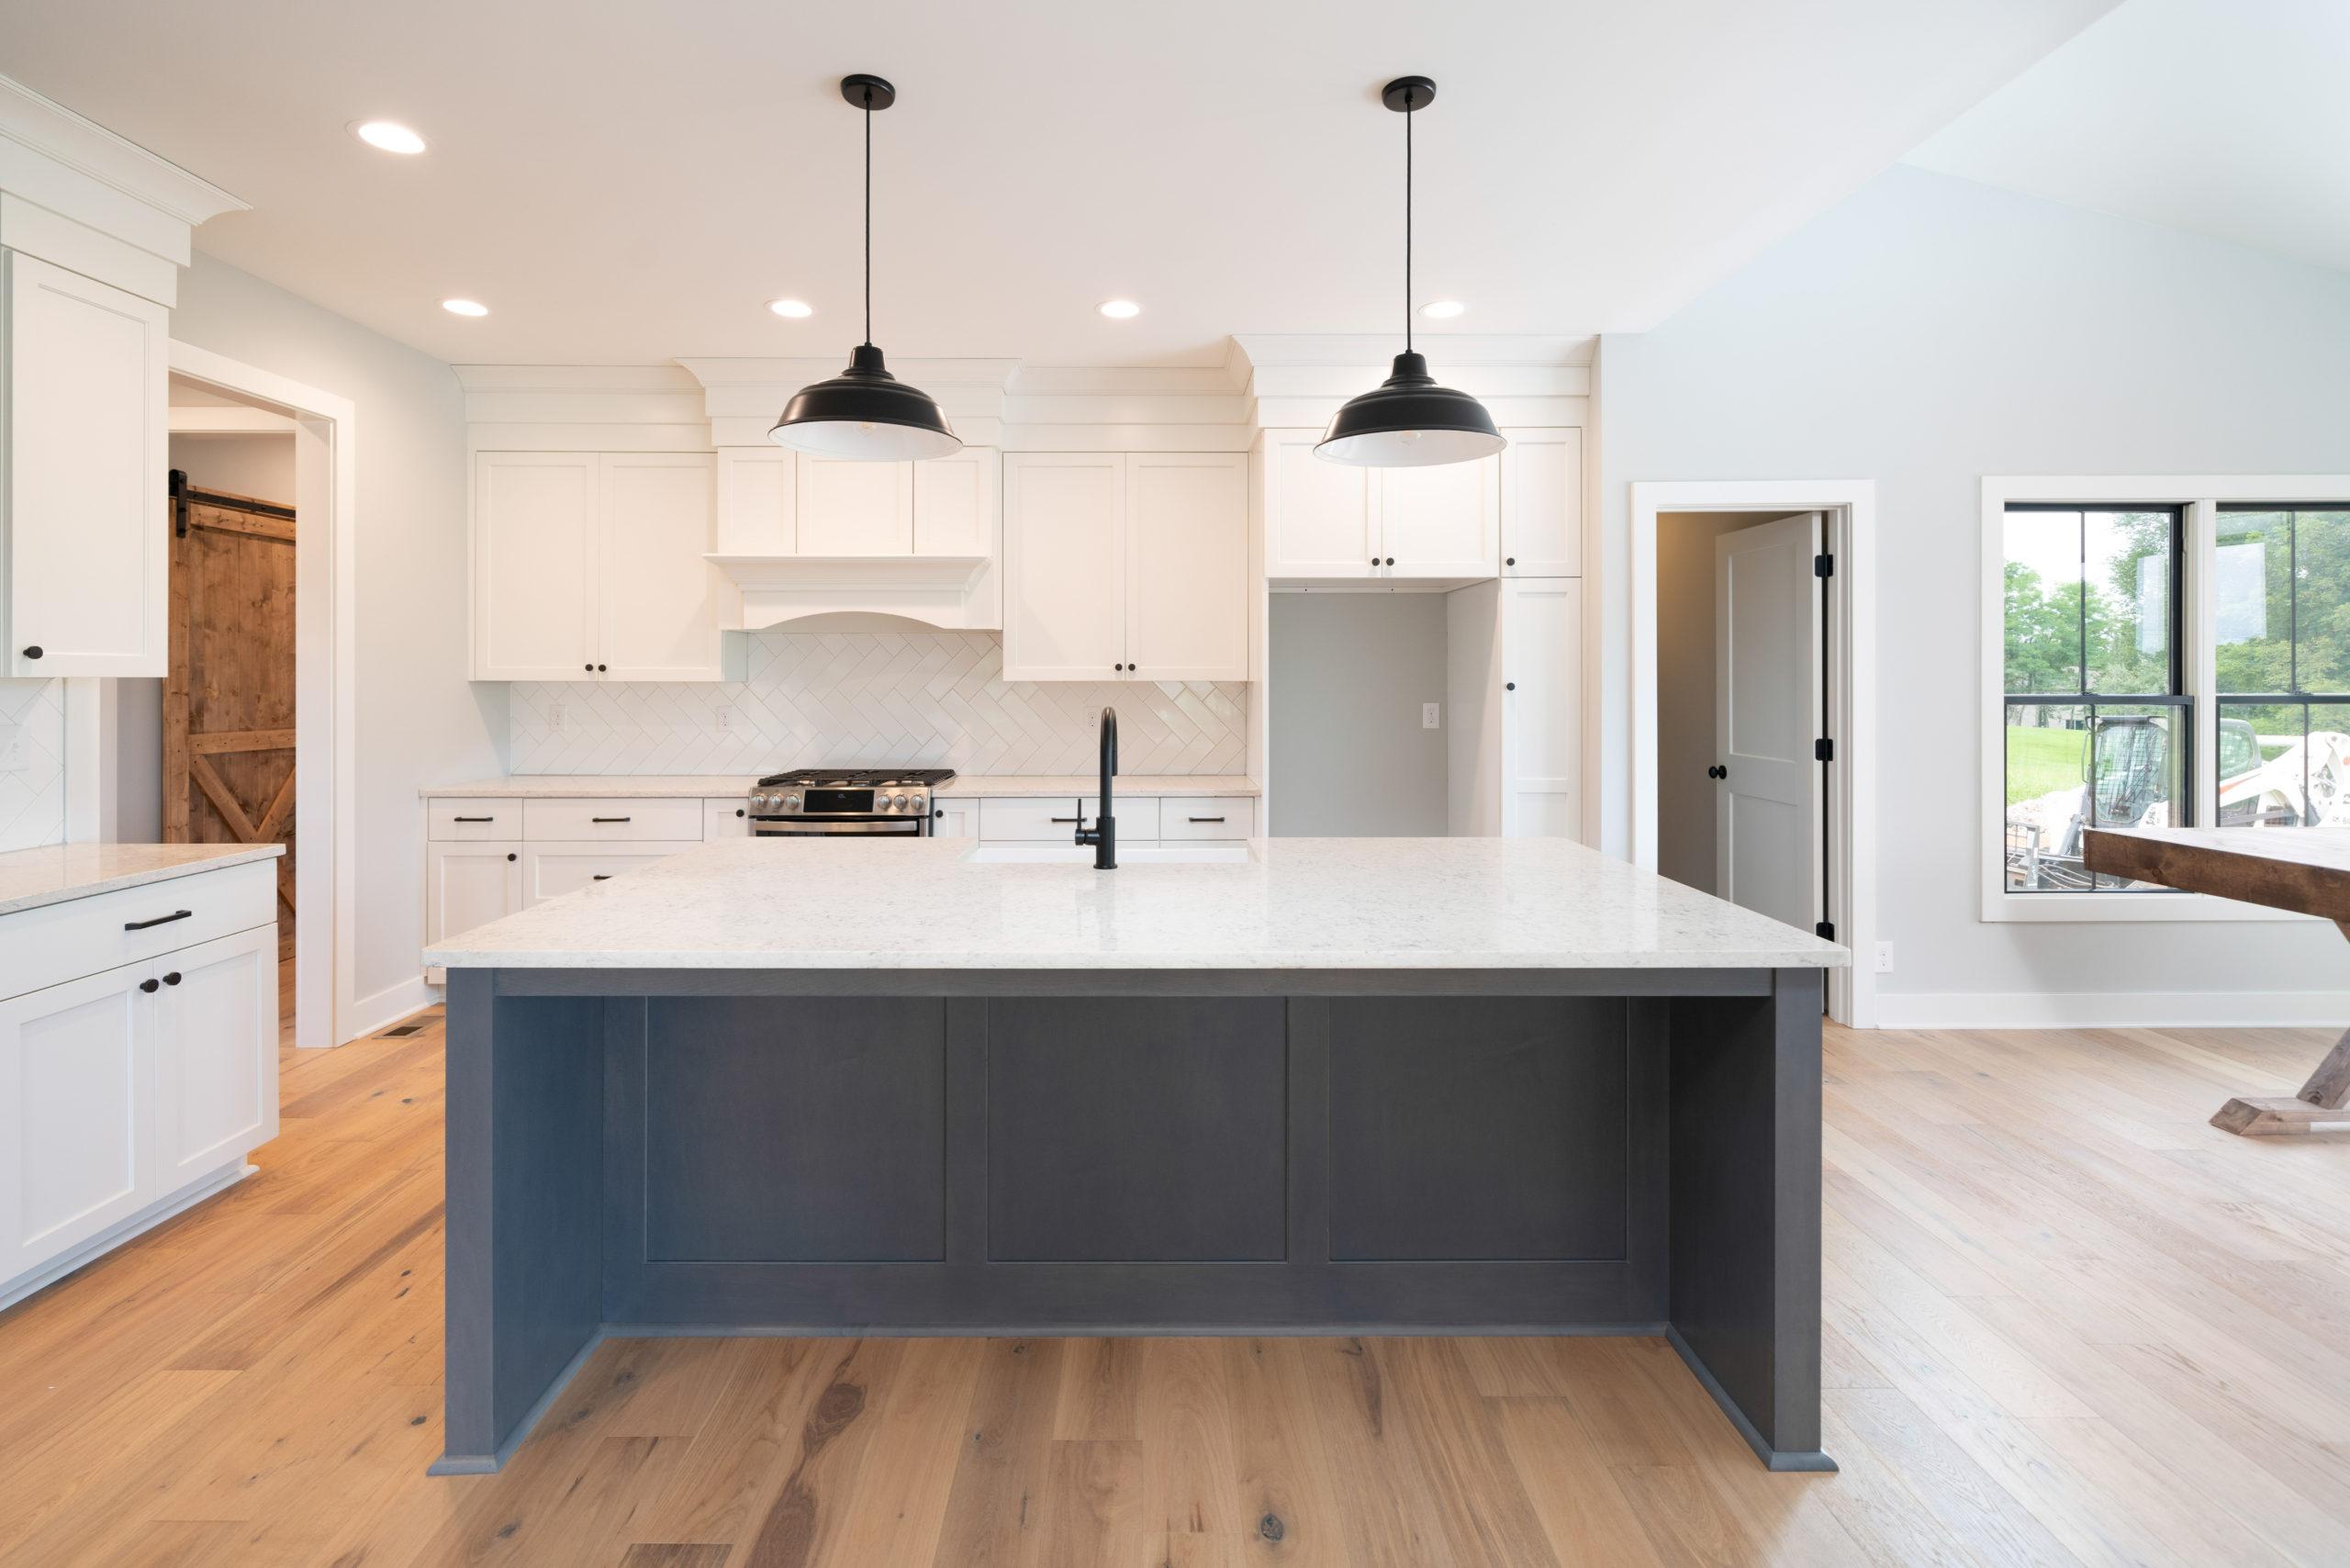 gray and white farmhouse kitchen design